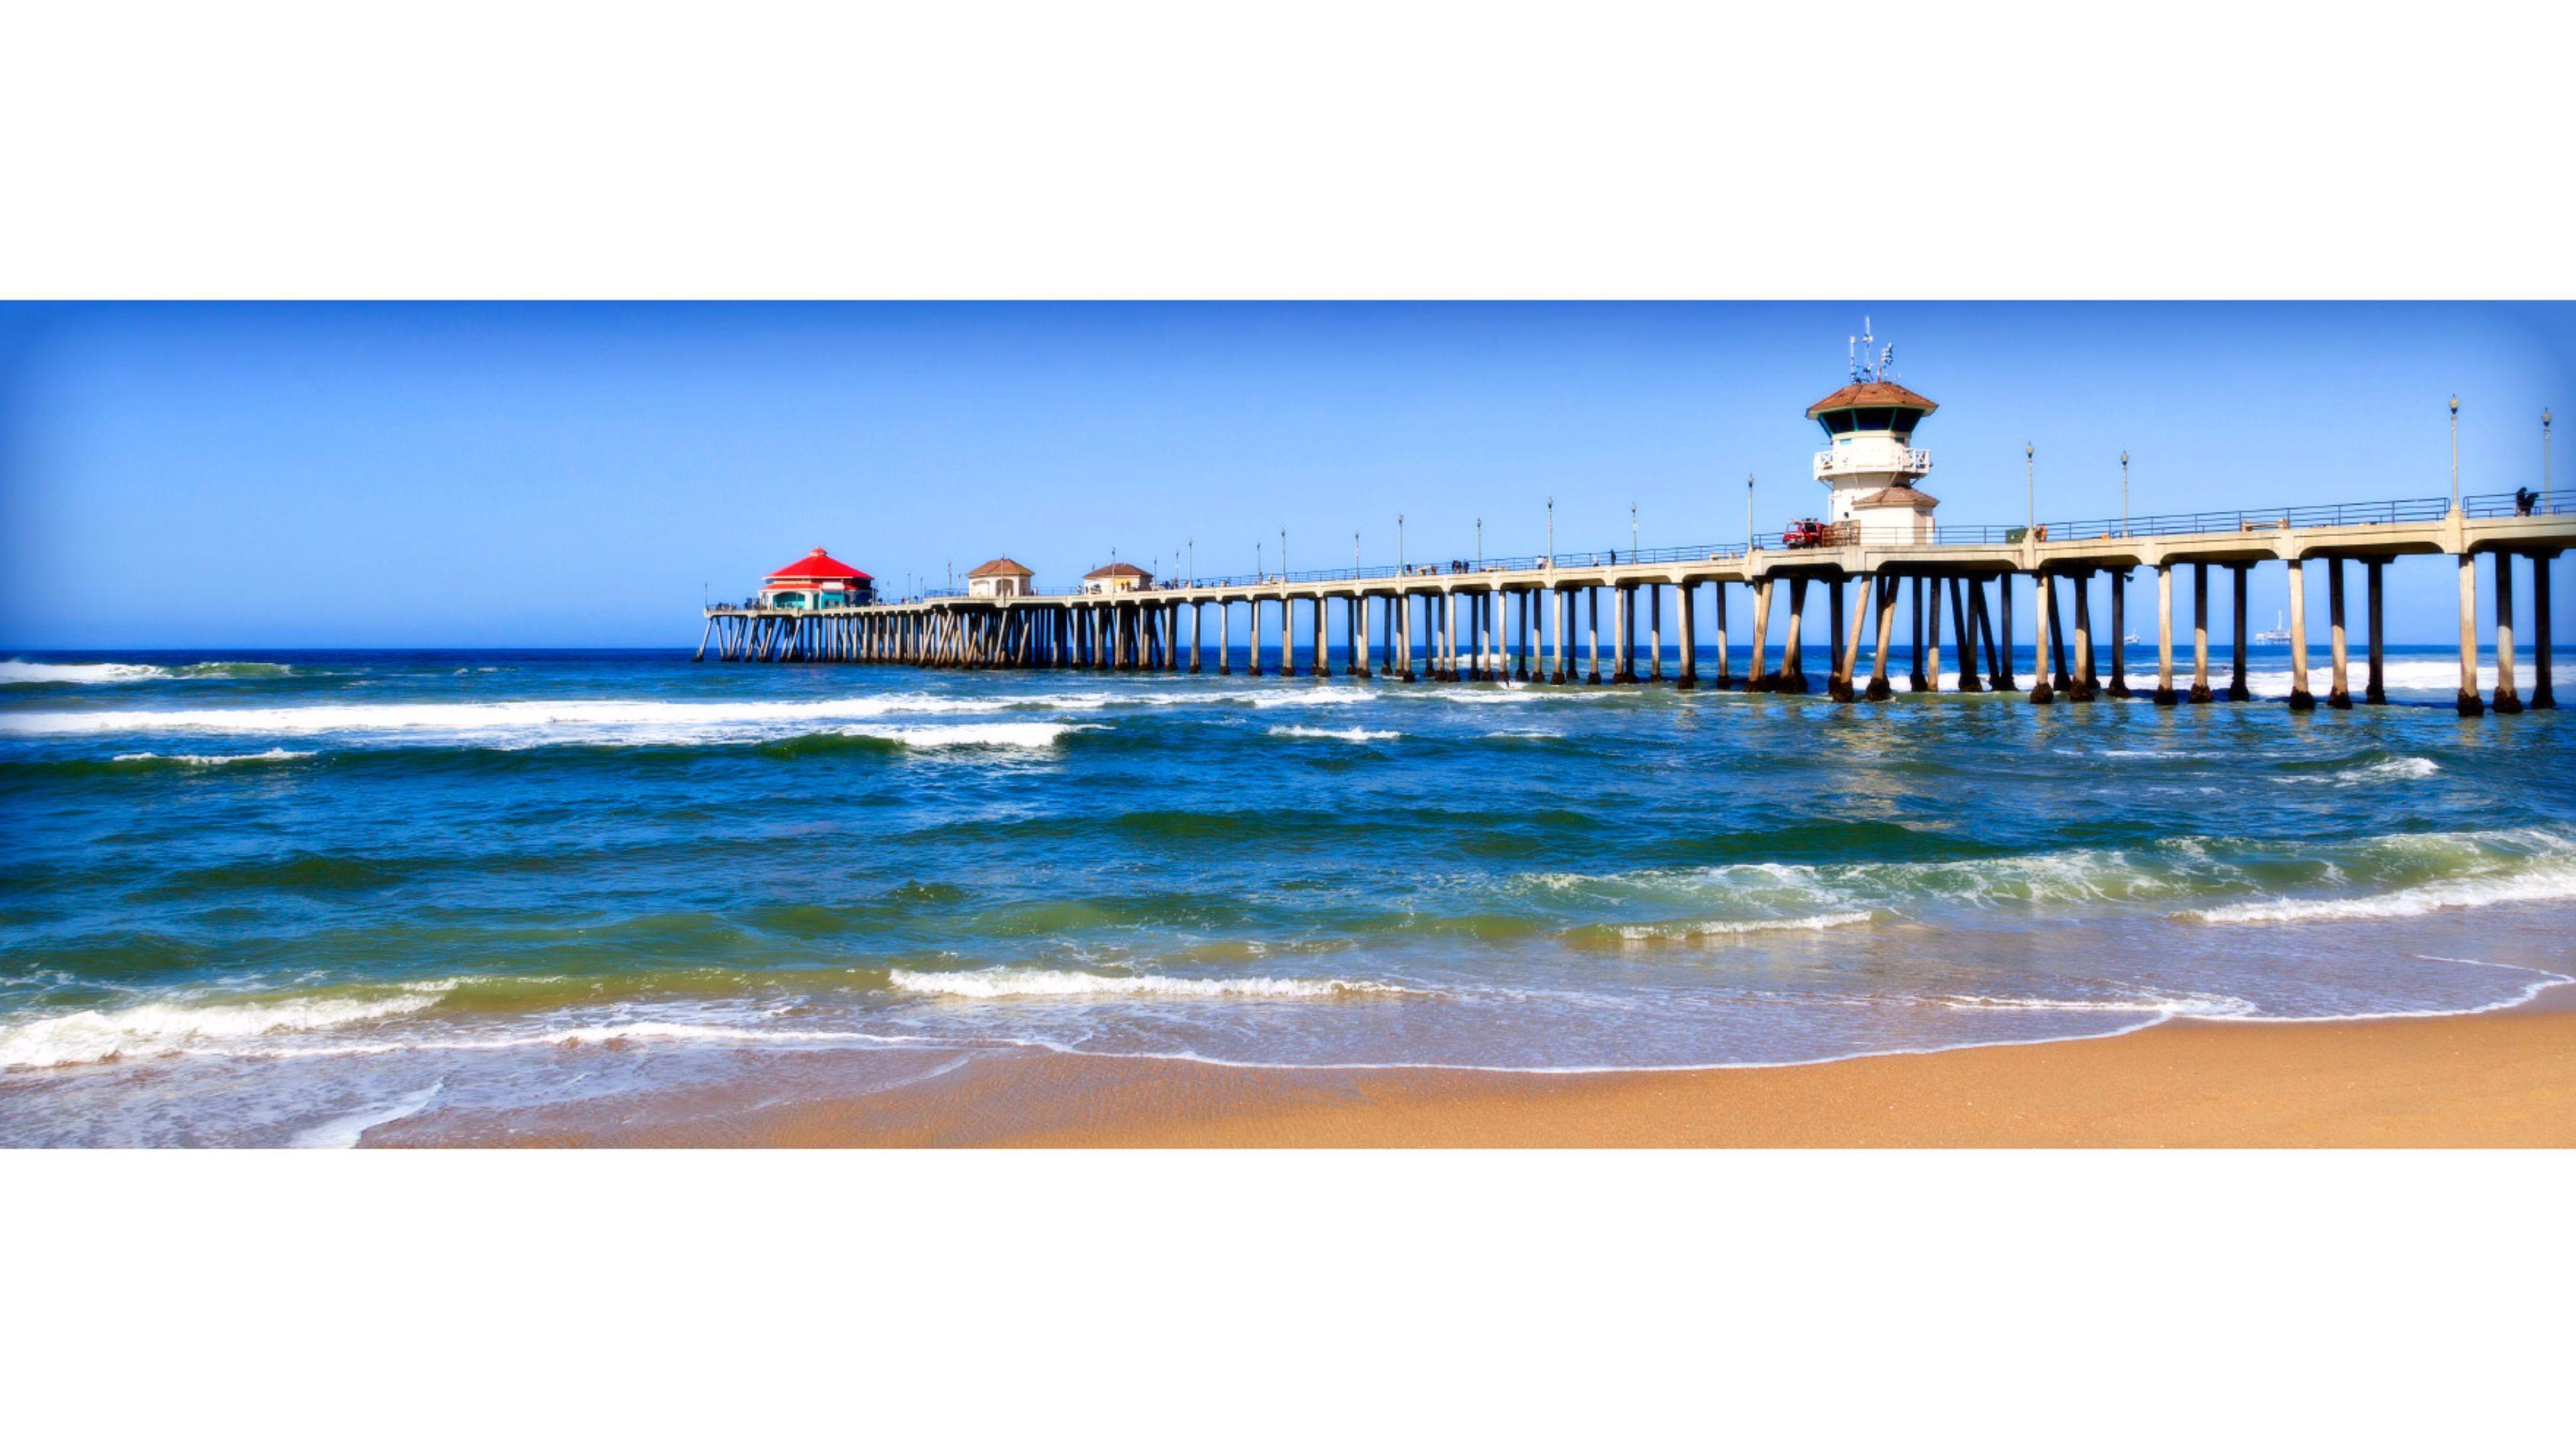 Pacific Ocean Big Sur California Beach 4k Hd Desktop: California 4K Wallpapers